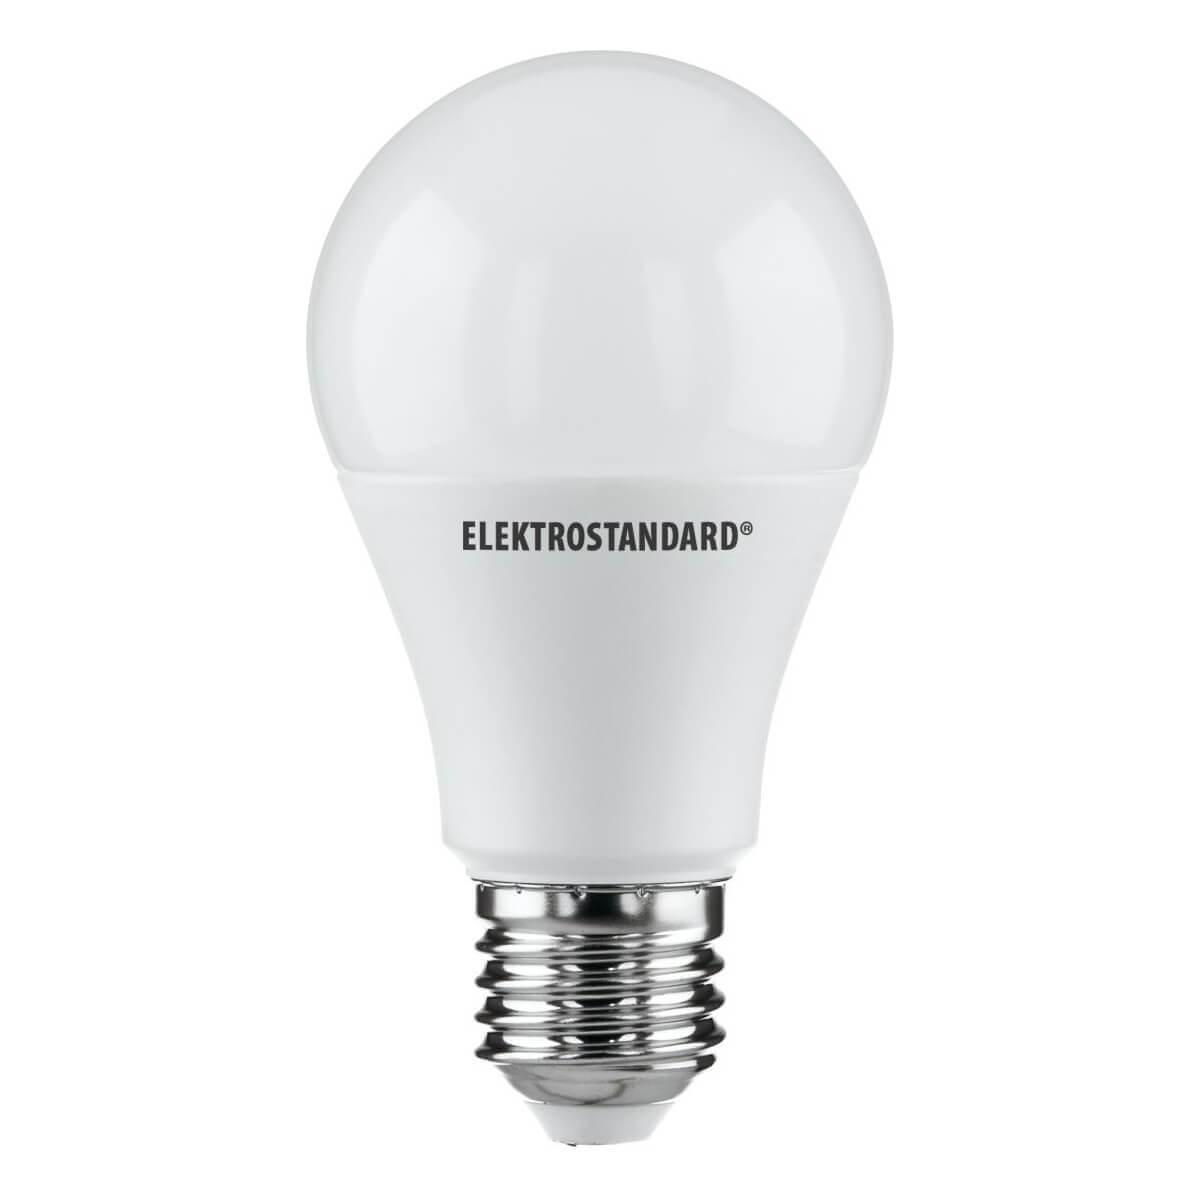 Лампа светодиодная Elektrostandard LED E27 17W 3300K матовая 4690389086007